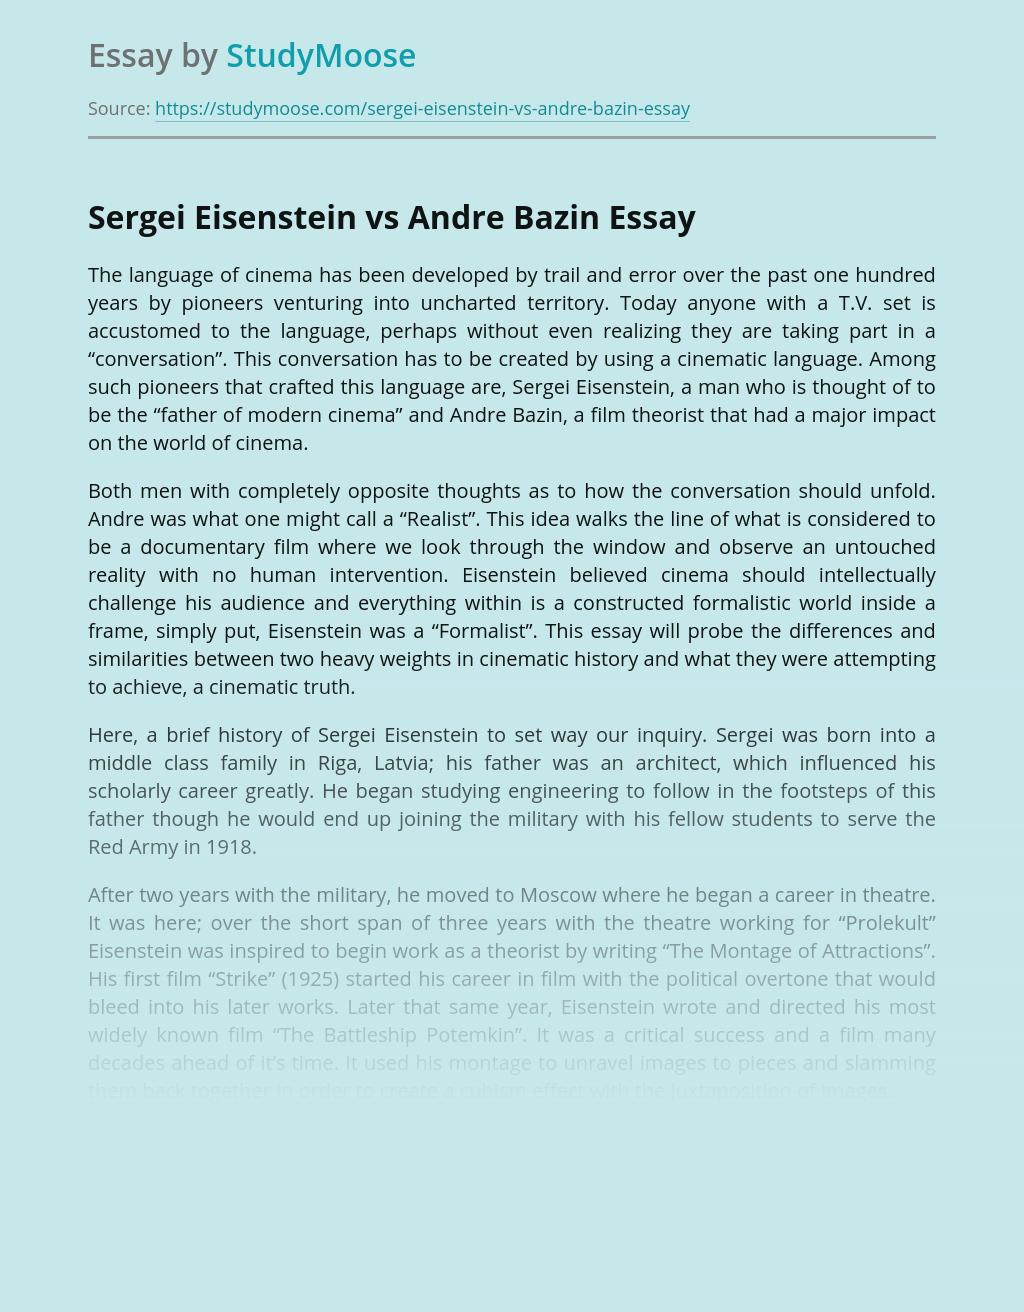 Sergei Eisenstein vs Andre Bazin